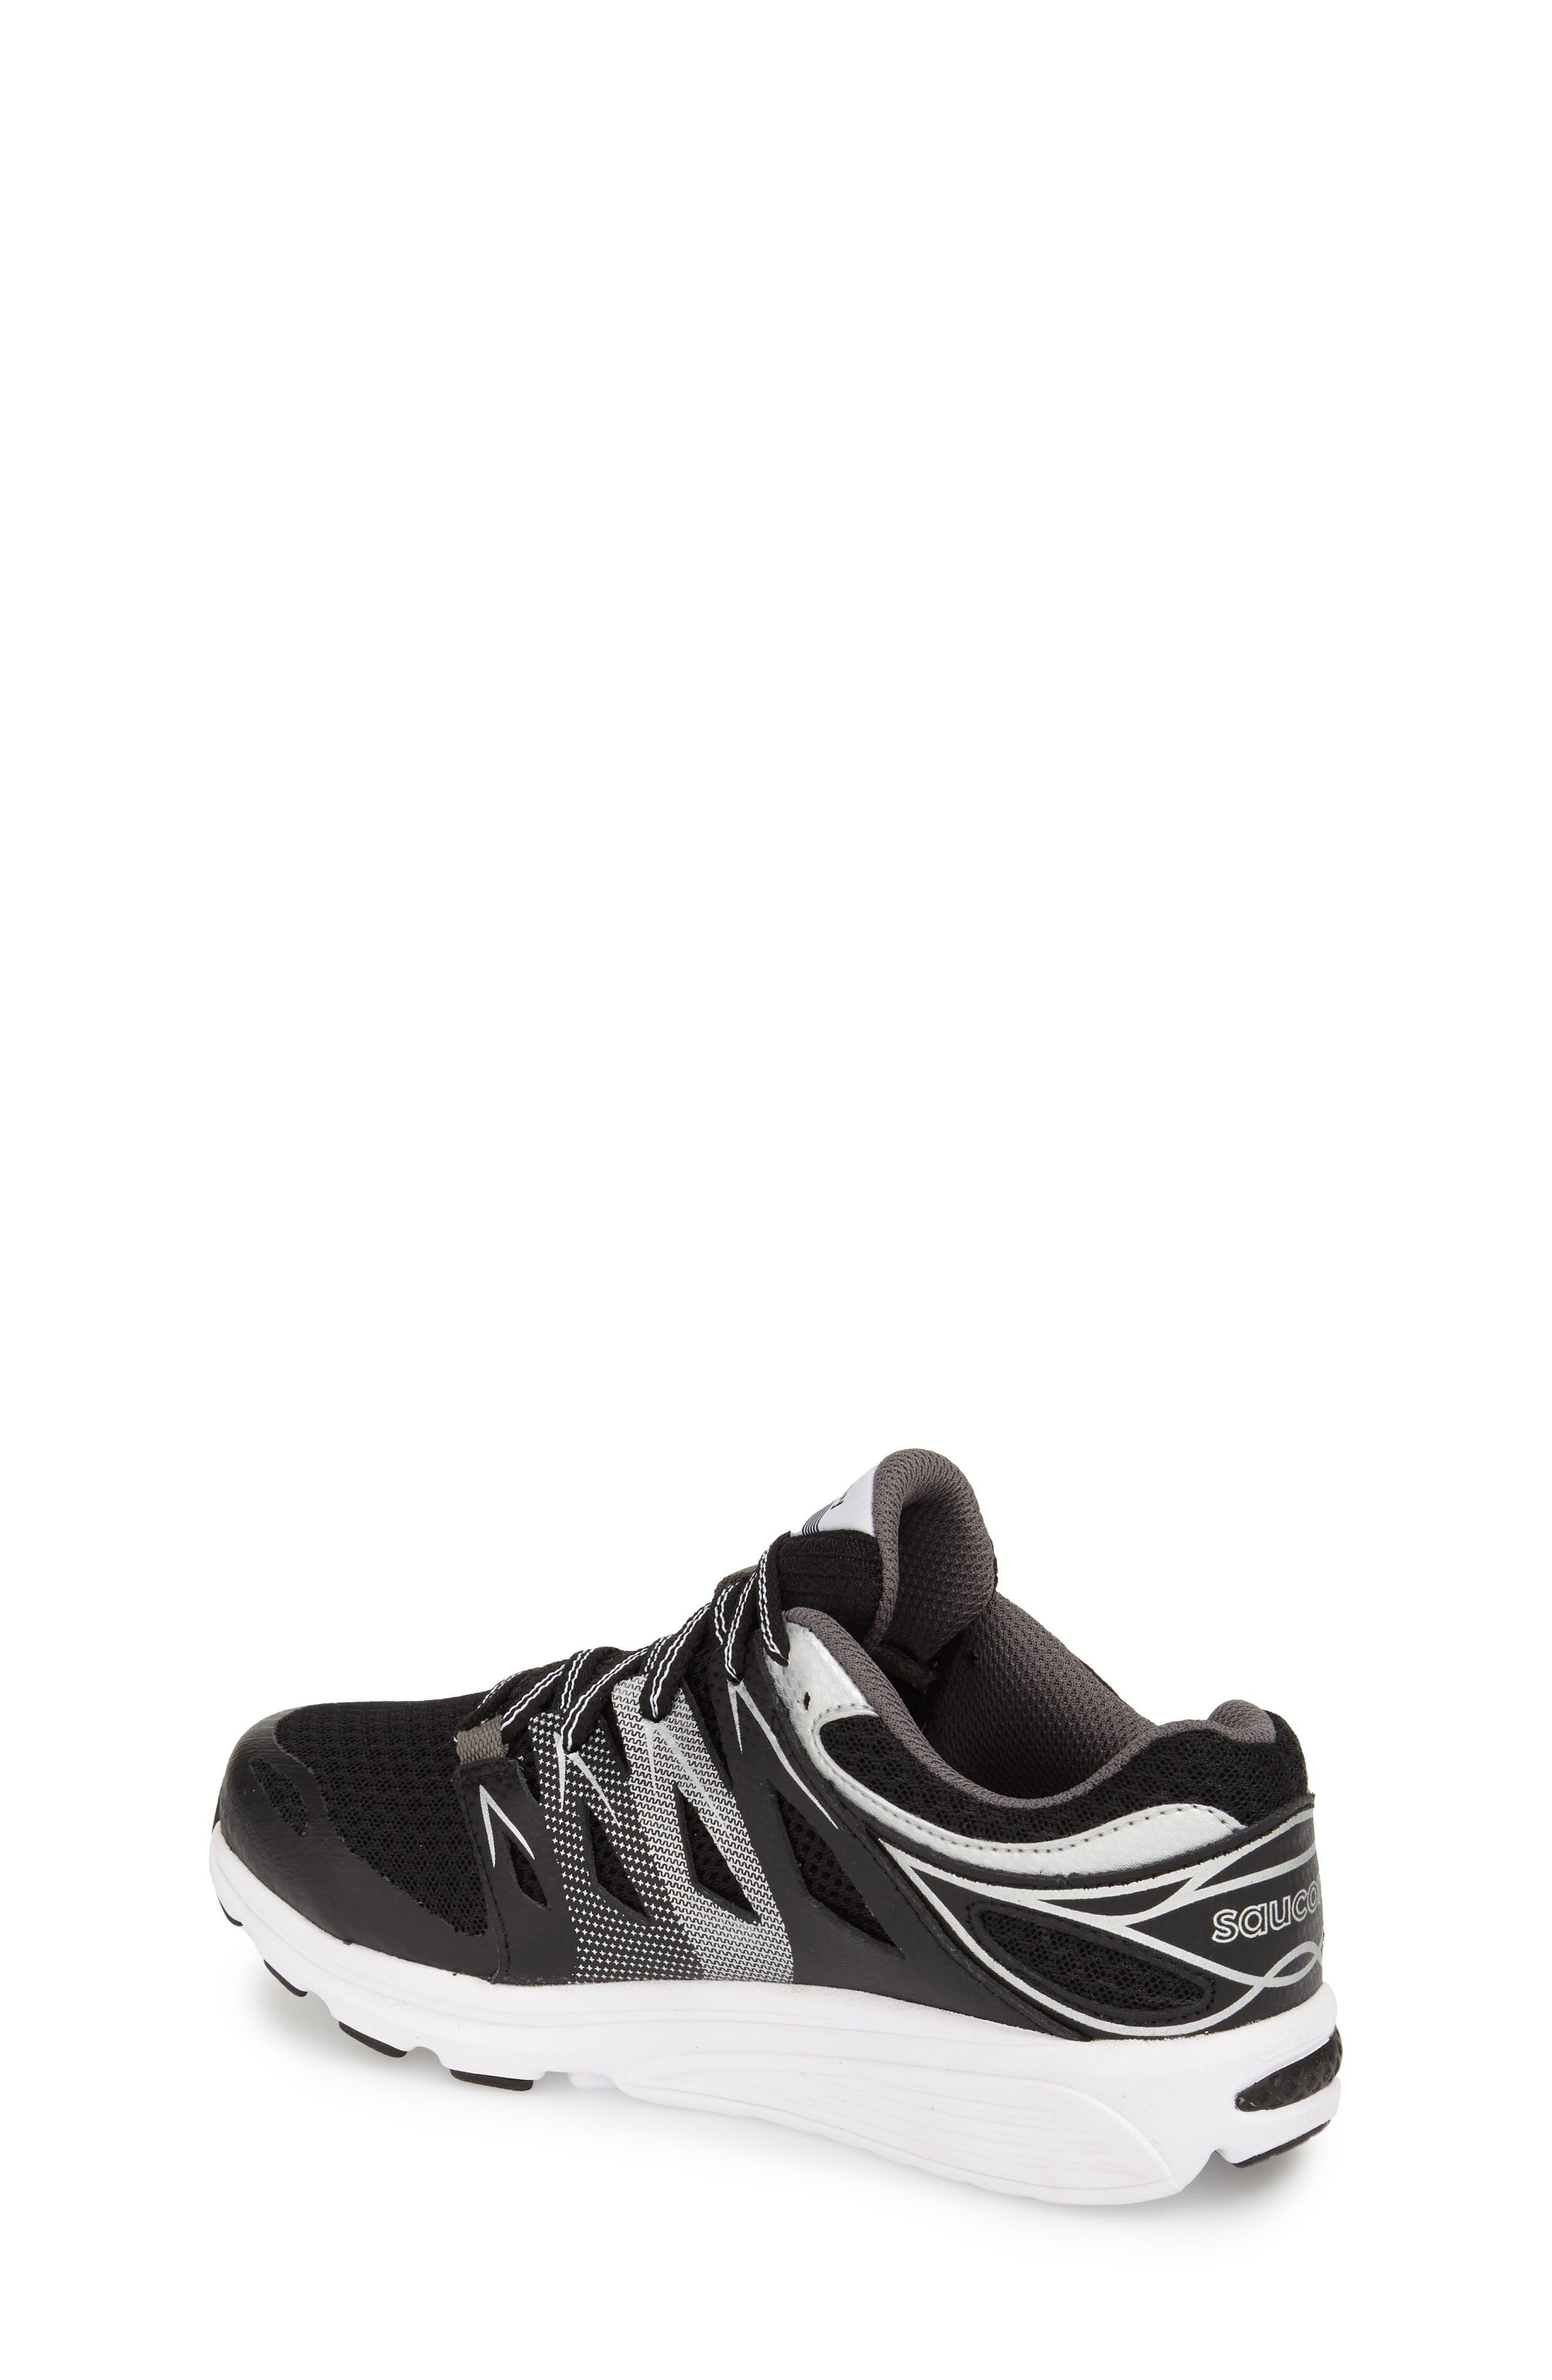 'Zealot 2' Athletic Shoe,                             Alternate thumbnail 2, color,                             001